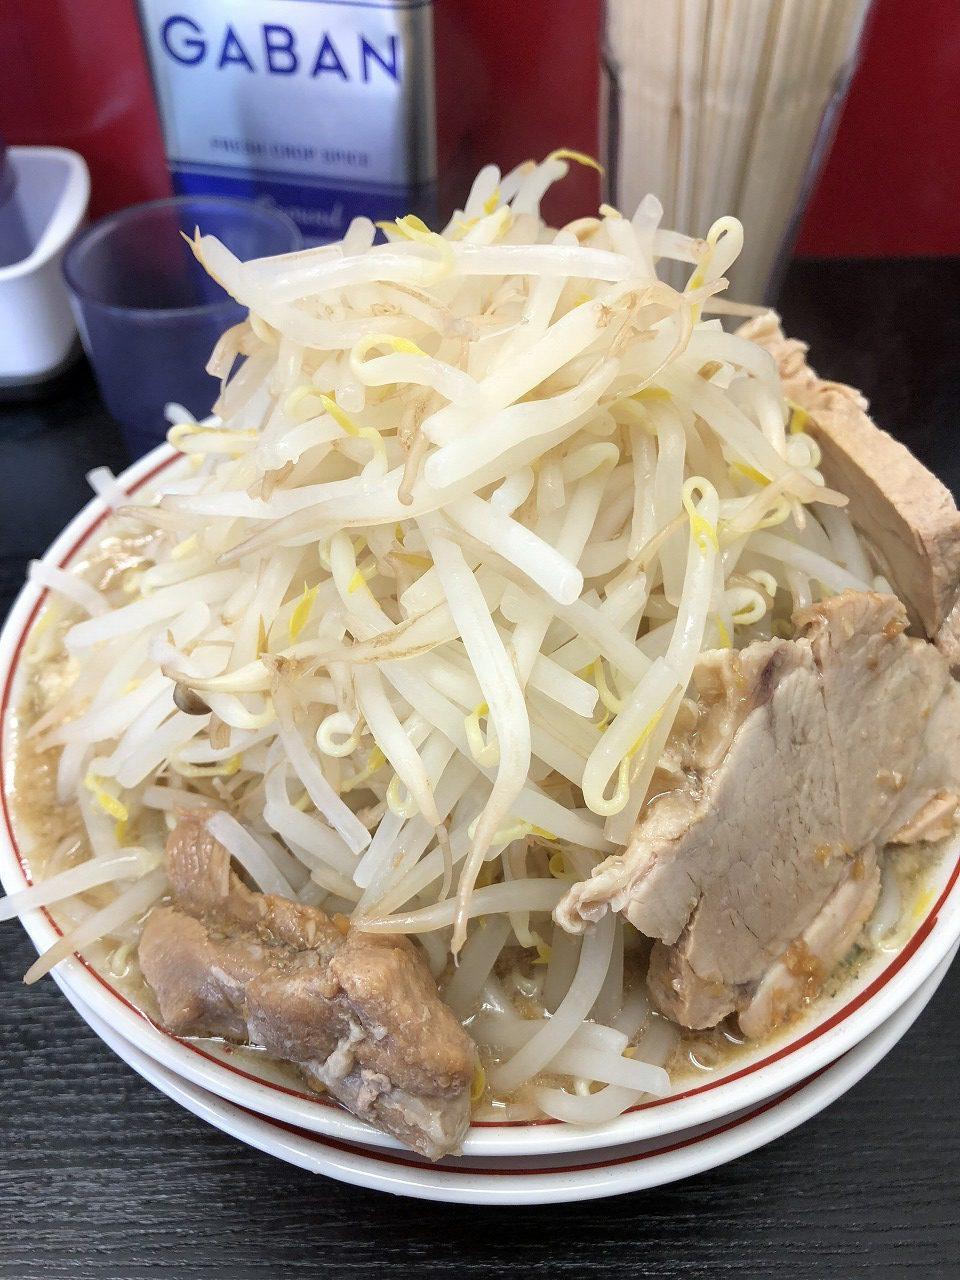 【メシめも】物件調査の合間に立ち寄った横浜市神奈川区片倉町のラーメン店「ぶた麺」は二郎インスパイア系